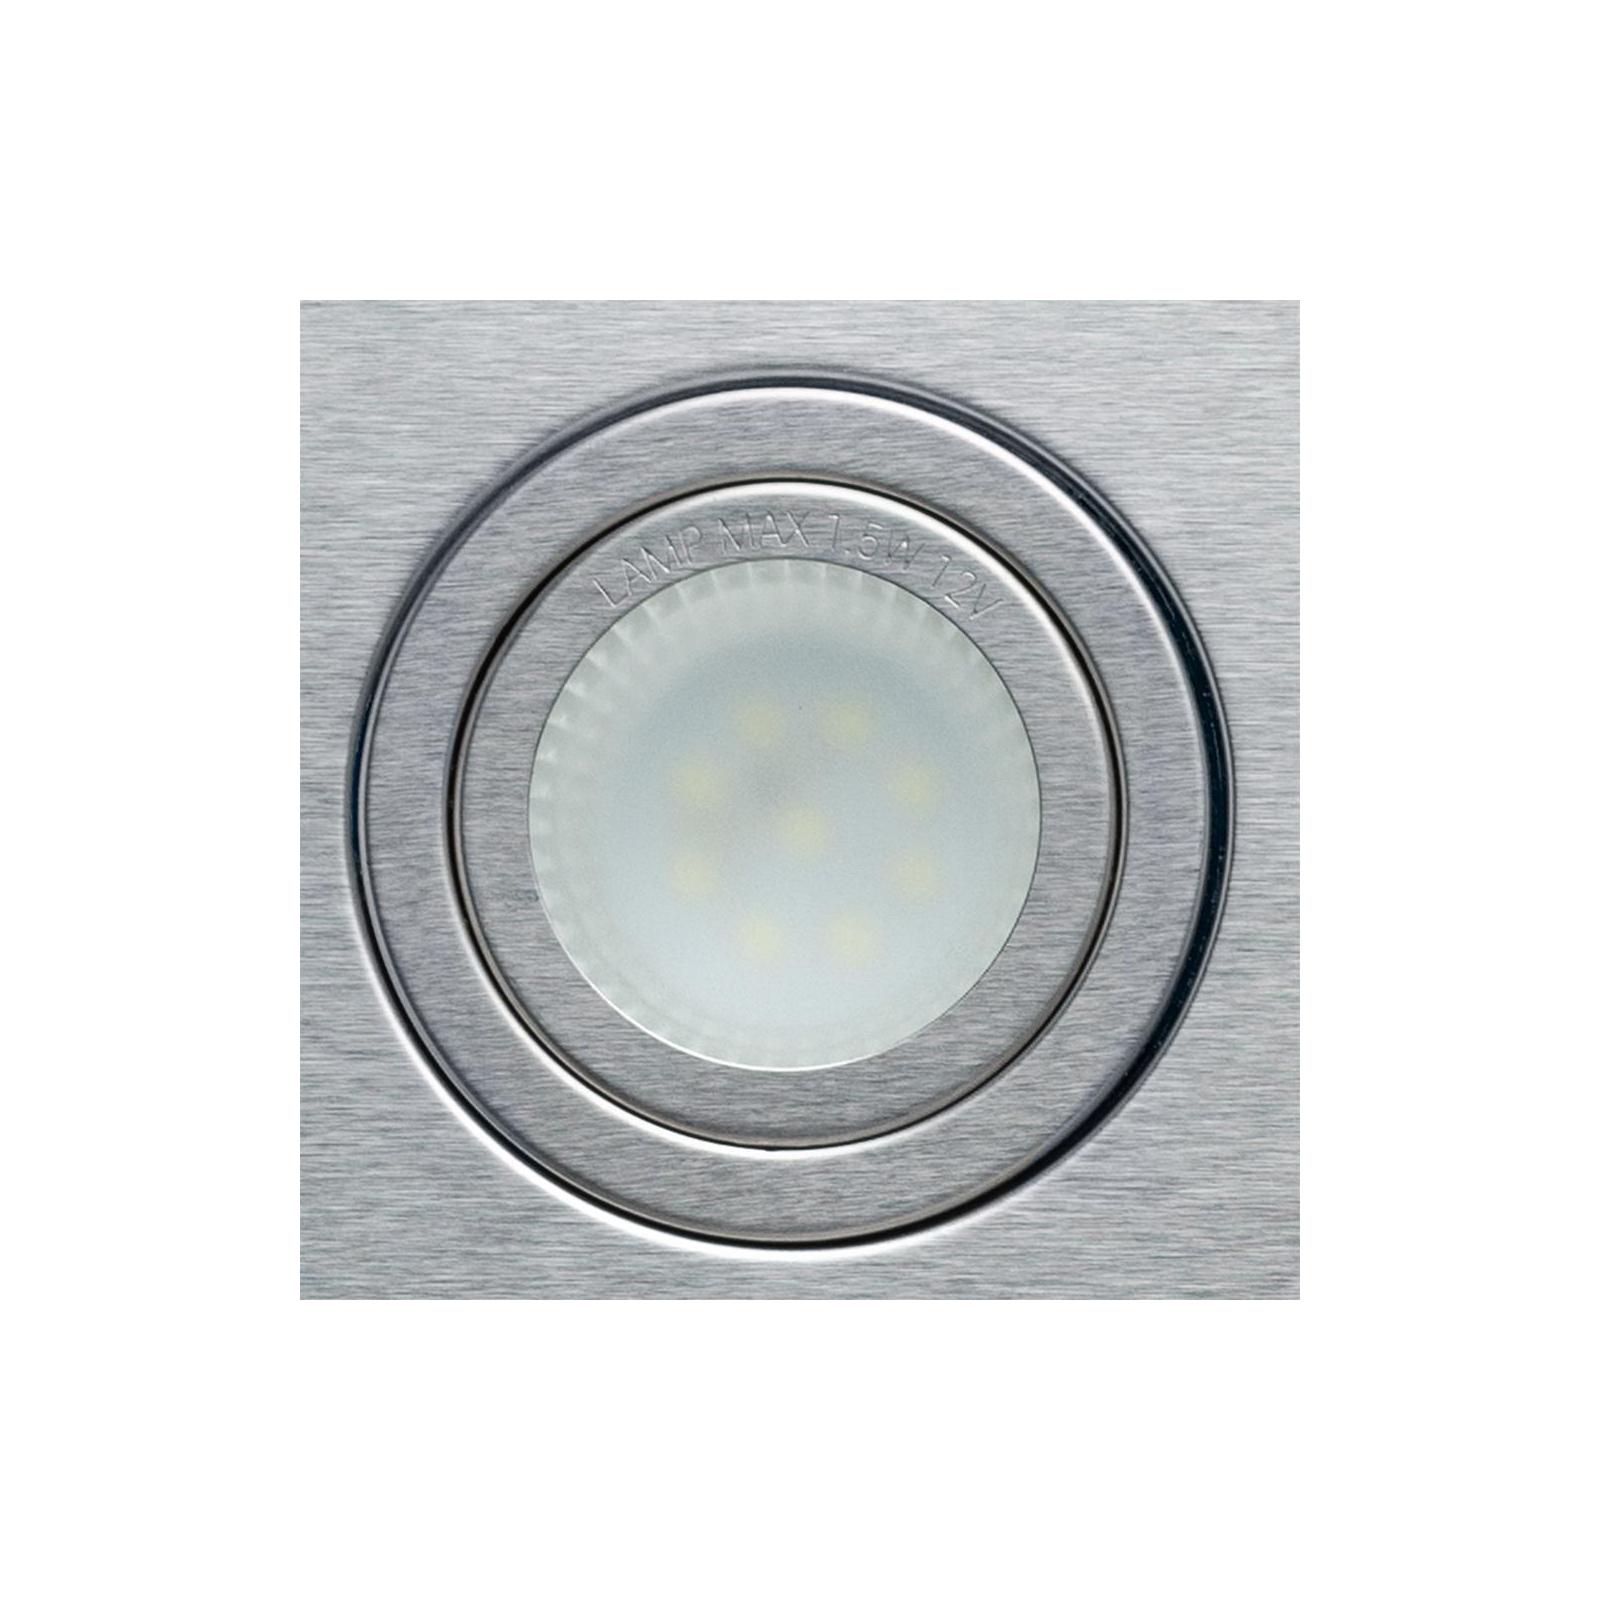 Вытяжка кухонная MINOLA HTL 6612 I 1000 LED изображение 7